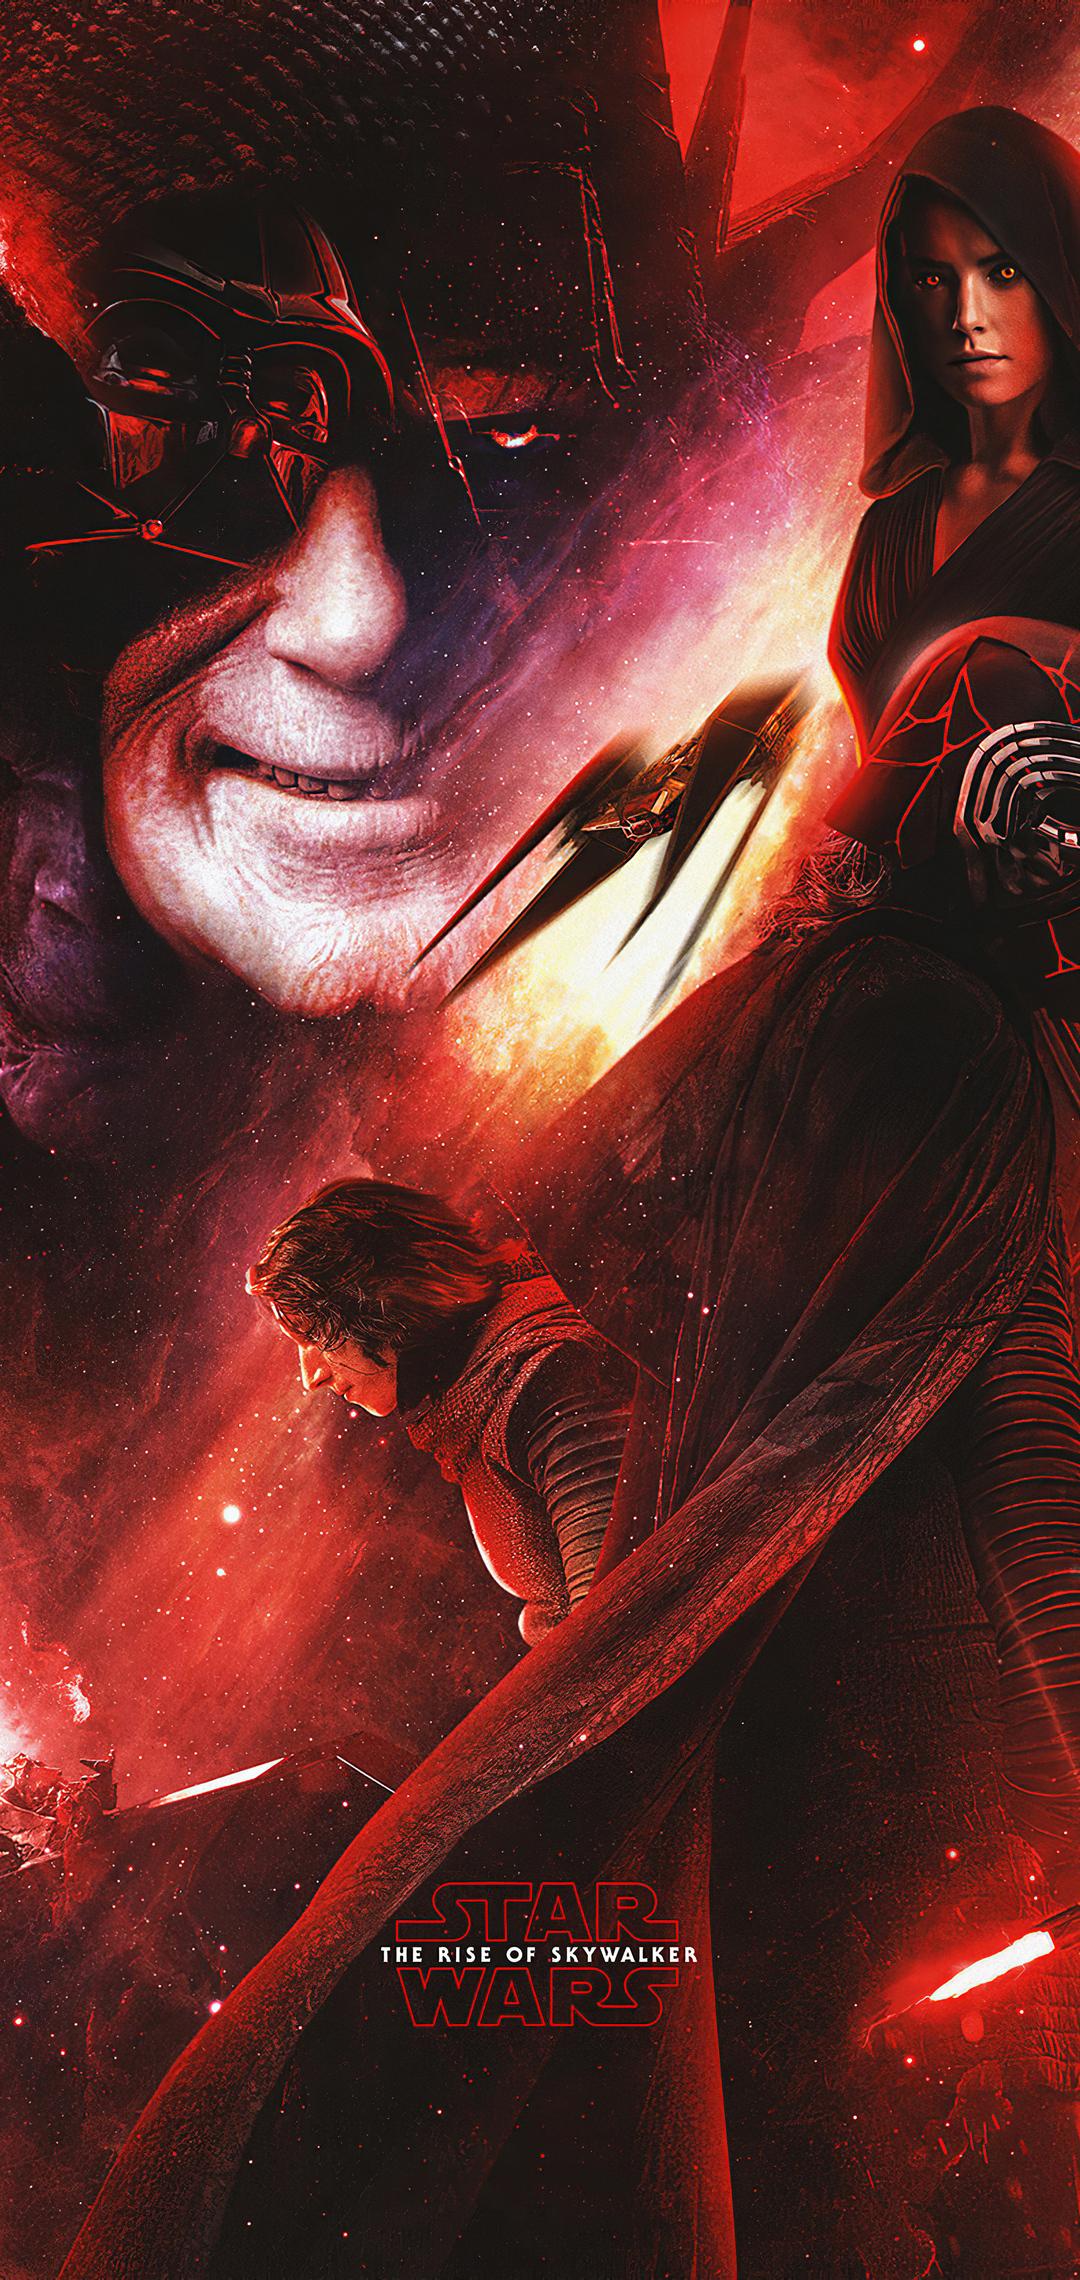 star-wars-the-rise-of-skywalker-art-4k-ol.jpg